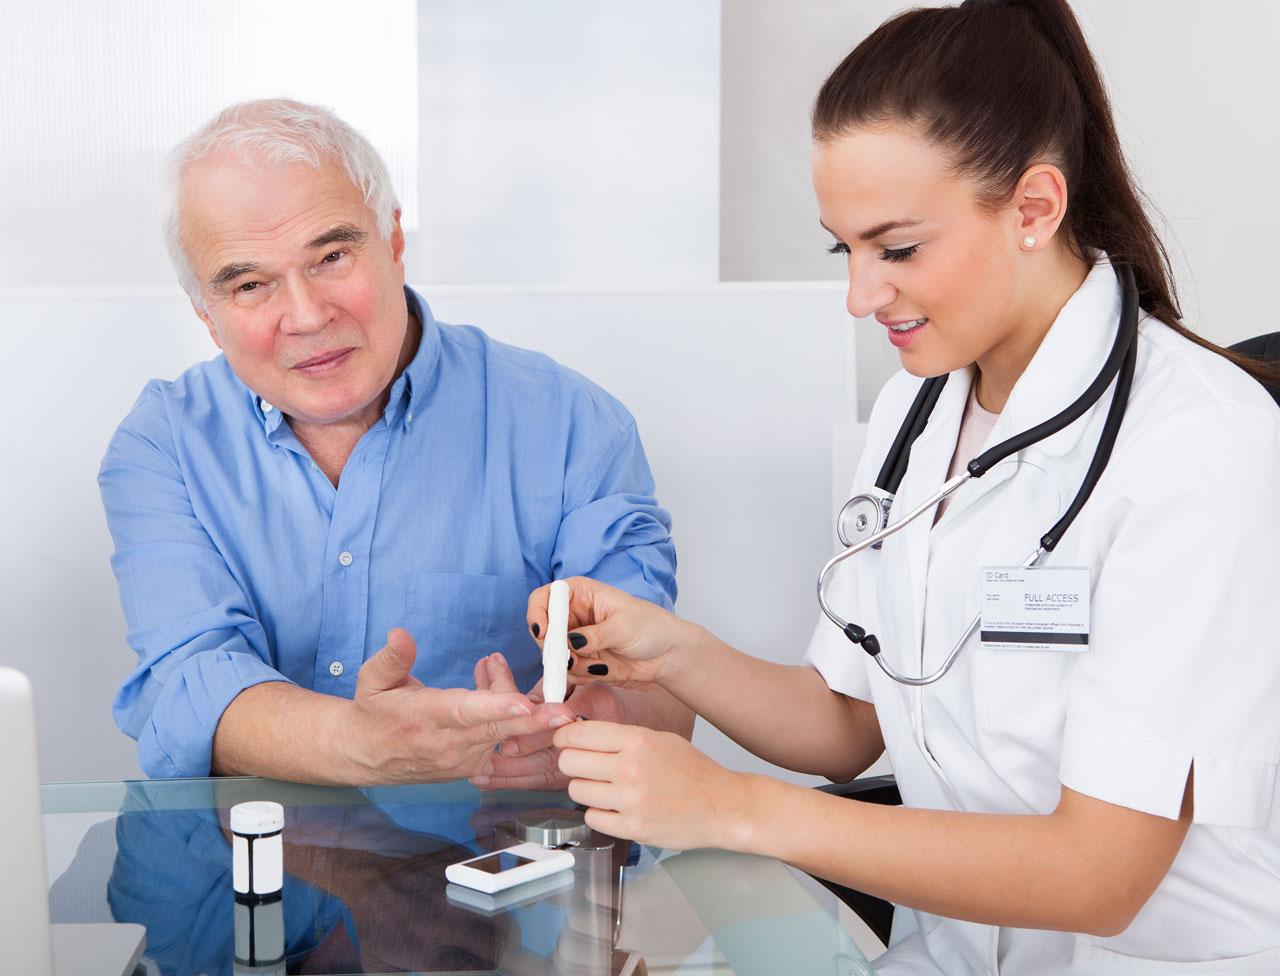 تأثیرات روانی دیابت بر بیماران